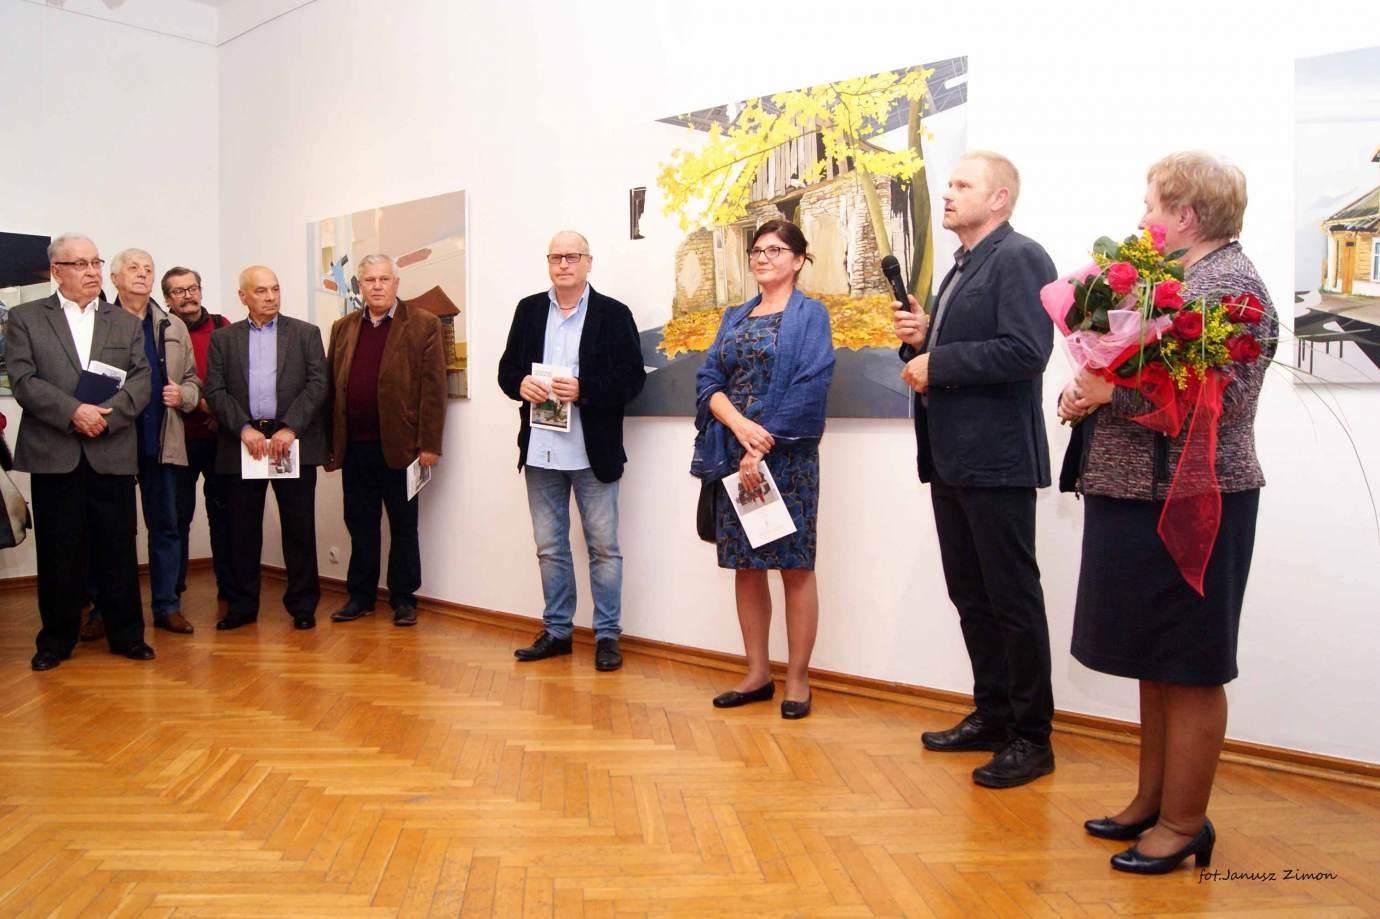 piotr tymochowicz bwa galeria zamojska fot janusz zimon 8 Zamość: Wernisaż wystawy Piotra Tymochowicza